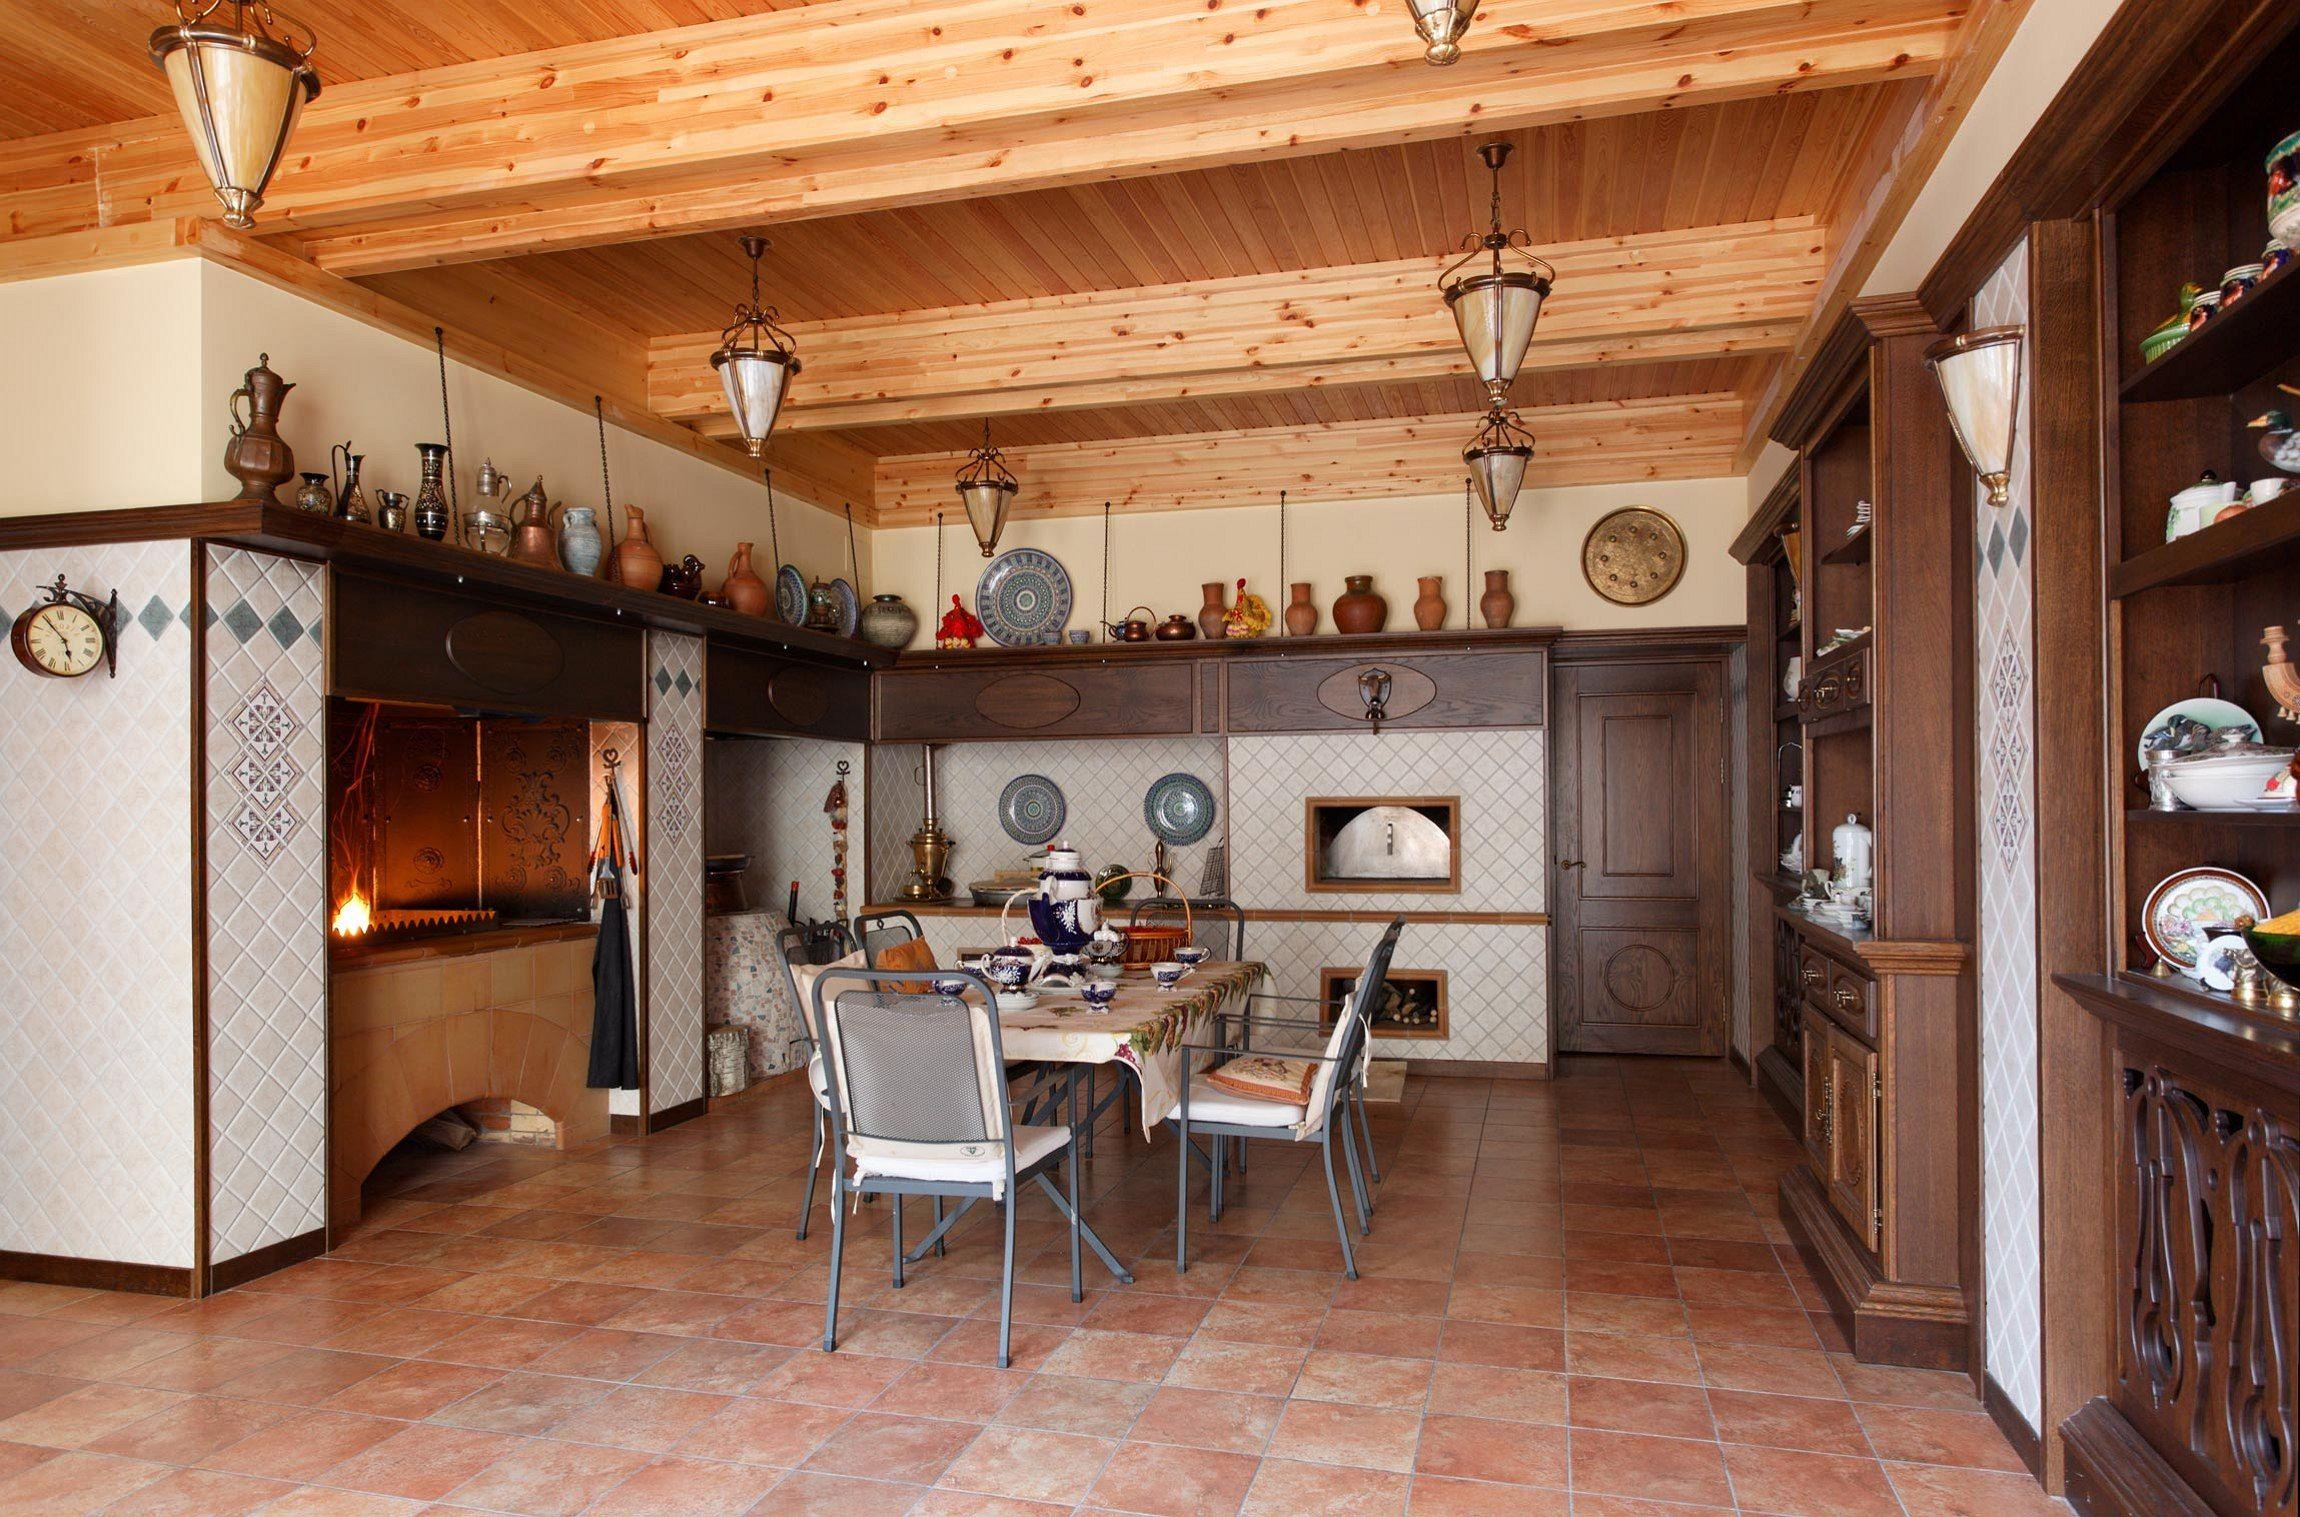 интерьер кухни с русской печью в частном доме фото